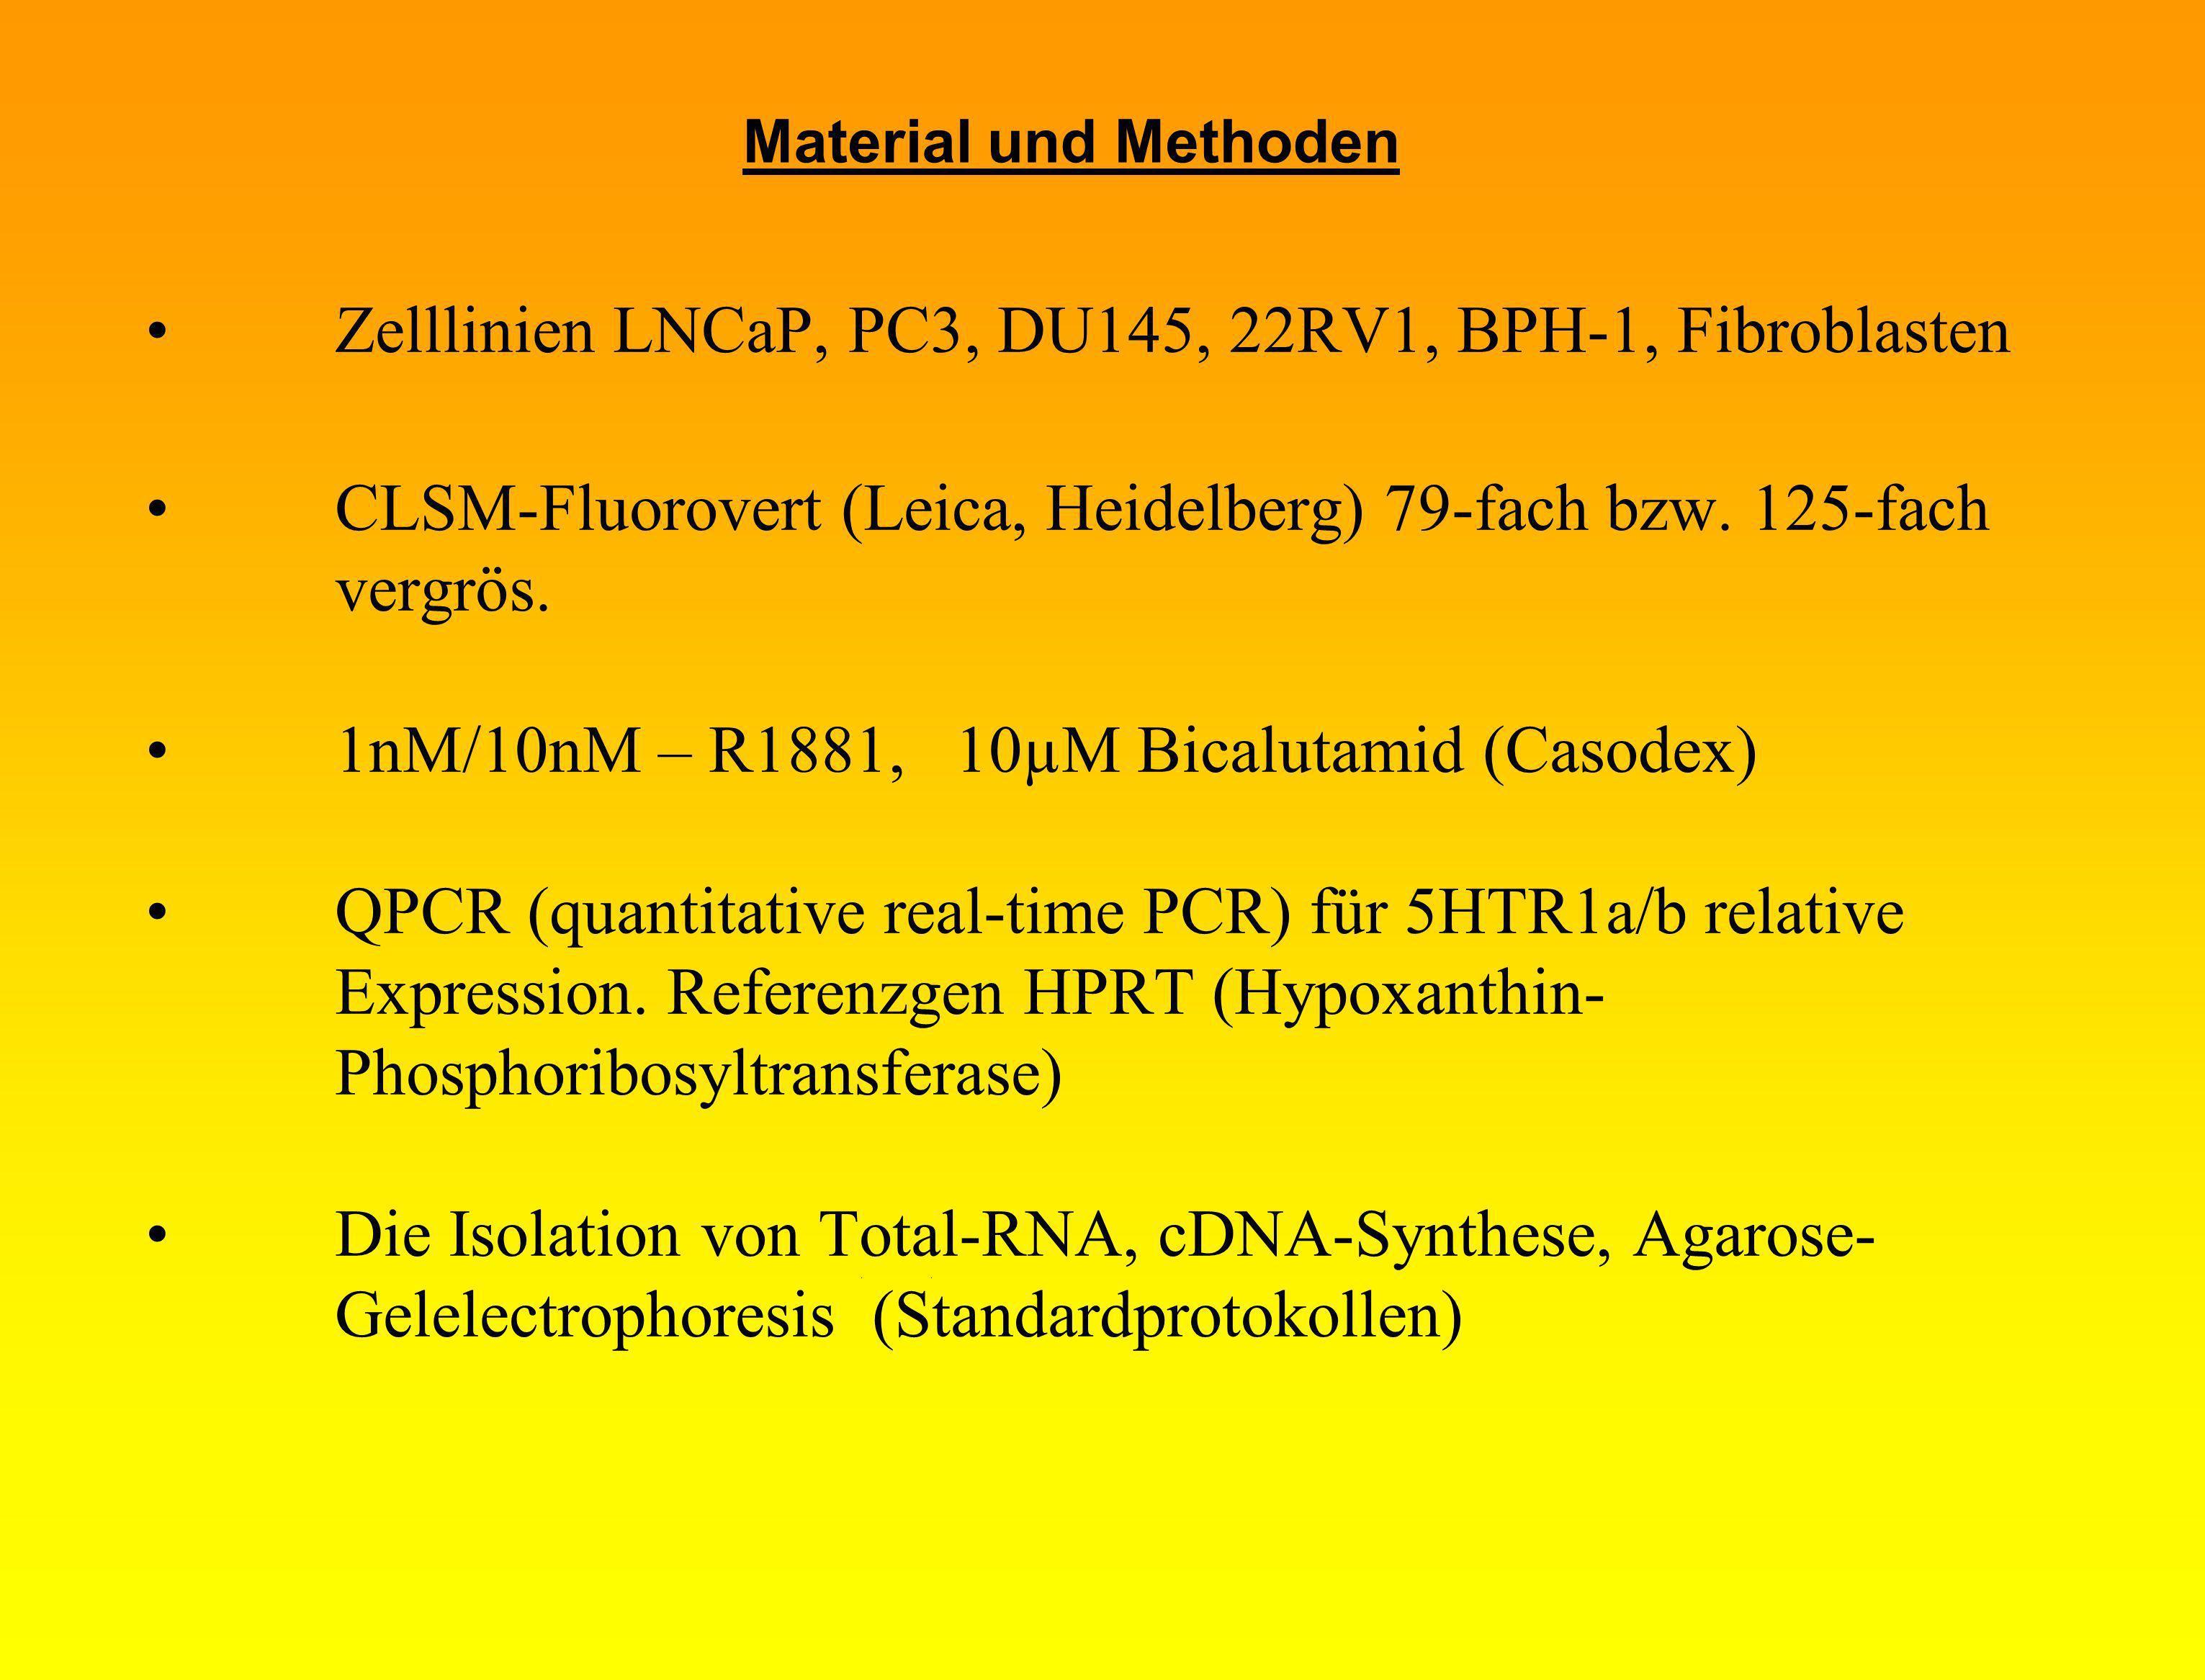 Material und Methoden Zelllinien LNCaP, PC3, DU145, 22RV1, BPH-1, Fibroblasten CLSM-Fluorovert (Leica, Heidelberg) 79-fach bzw. 125-fach vergrös. 1nM/